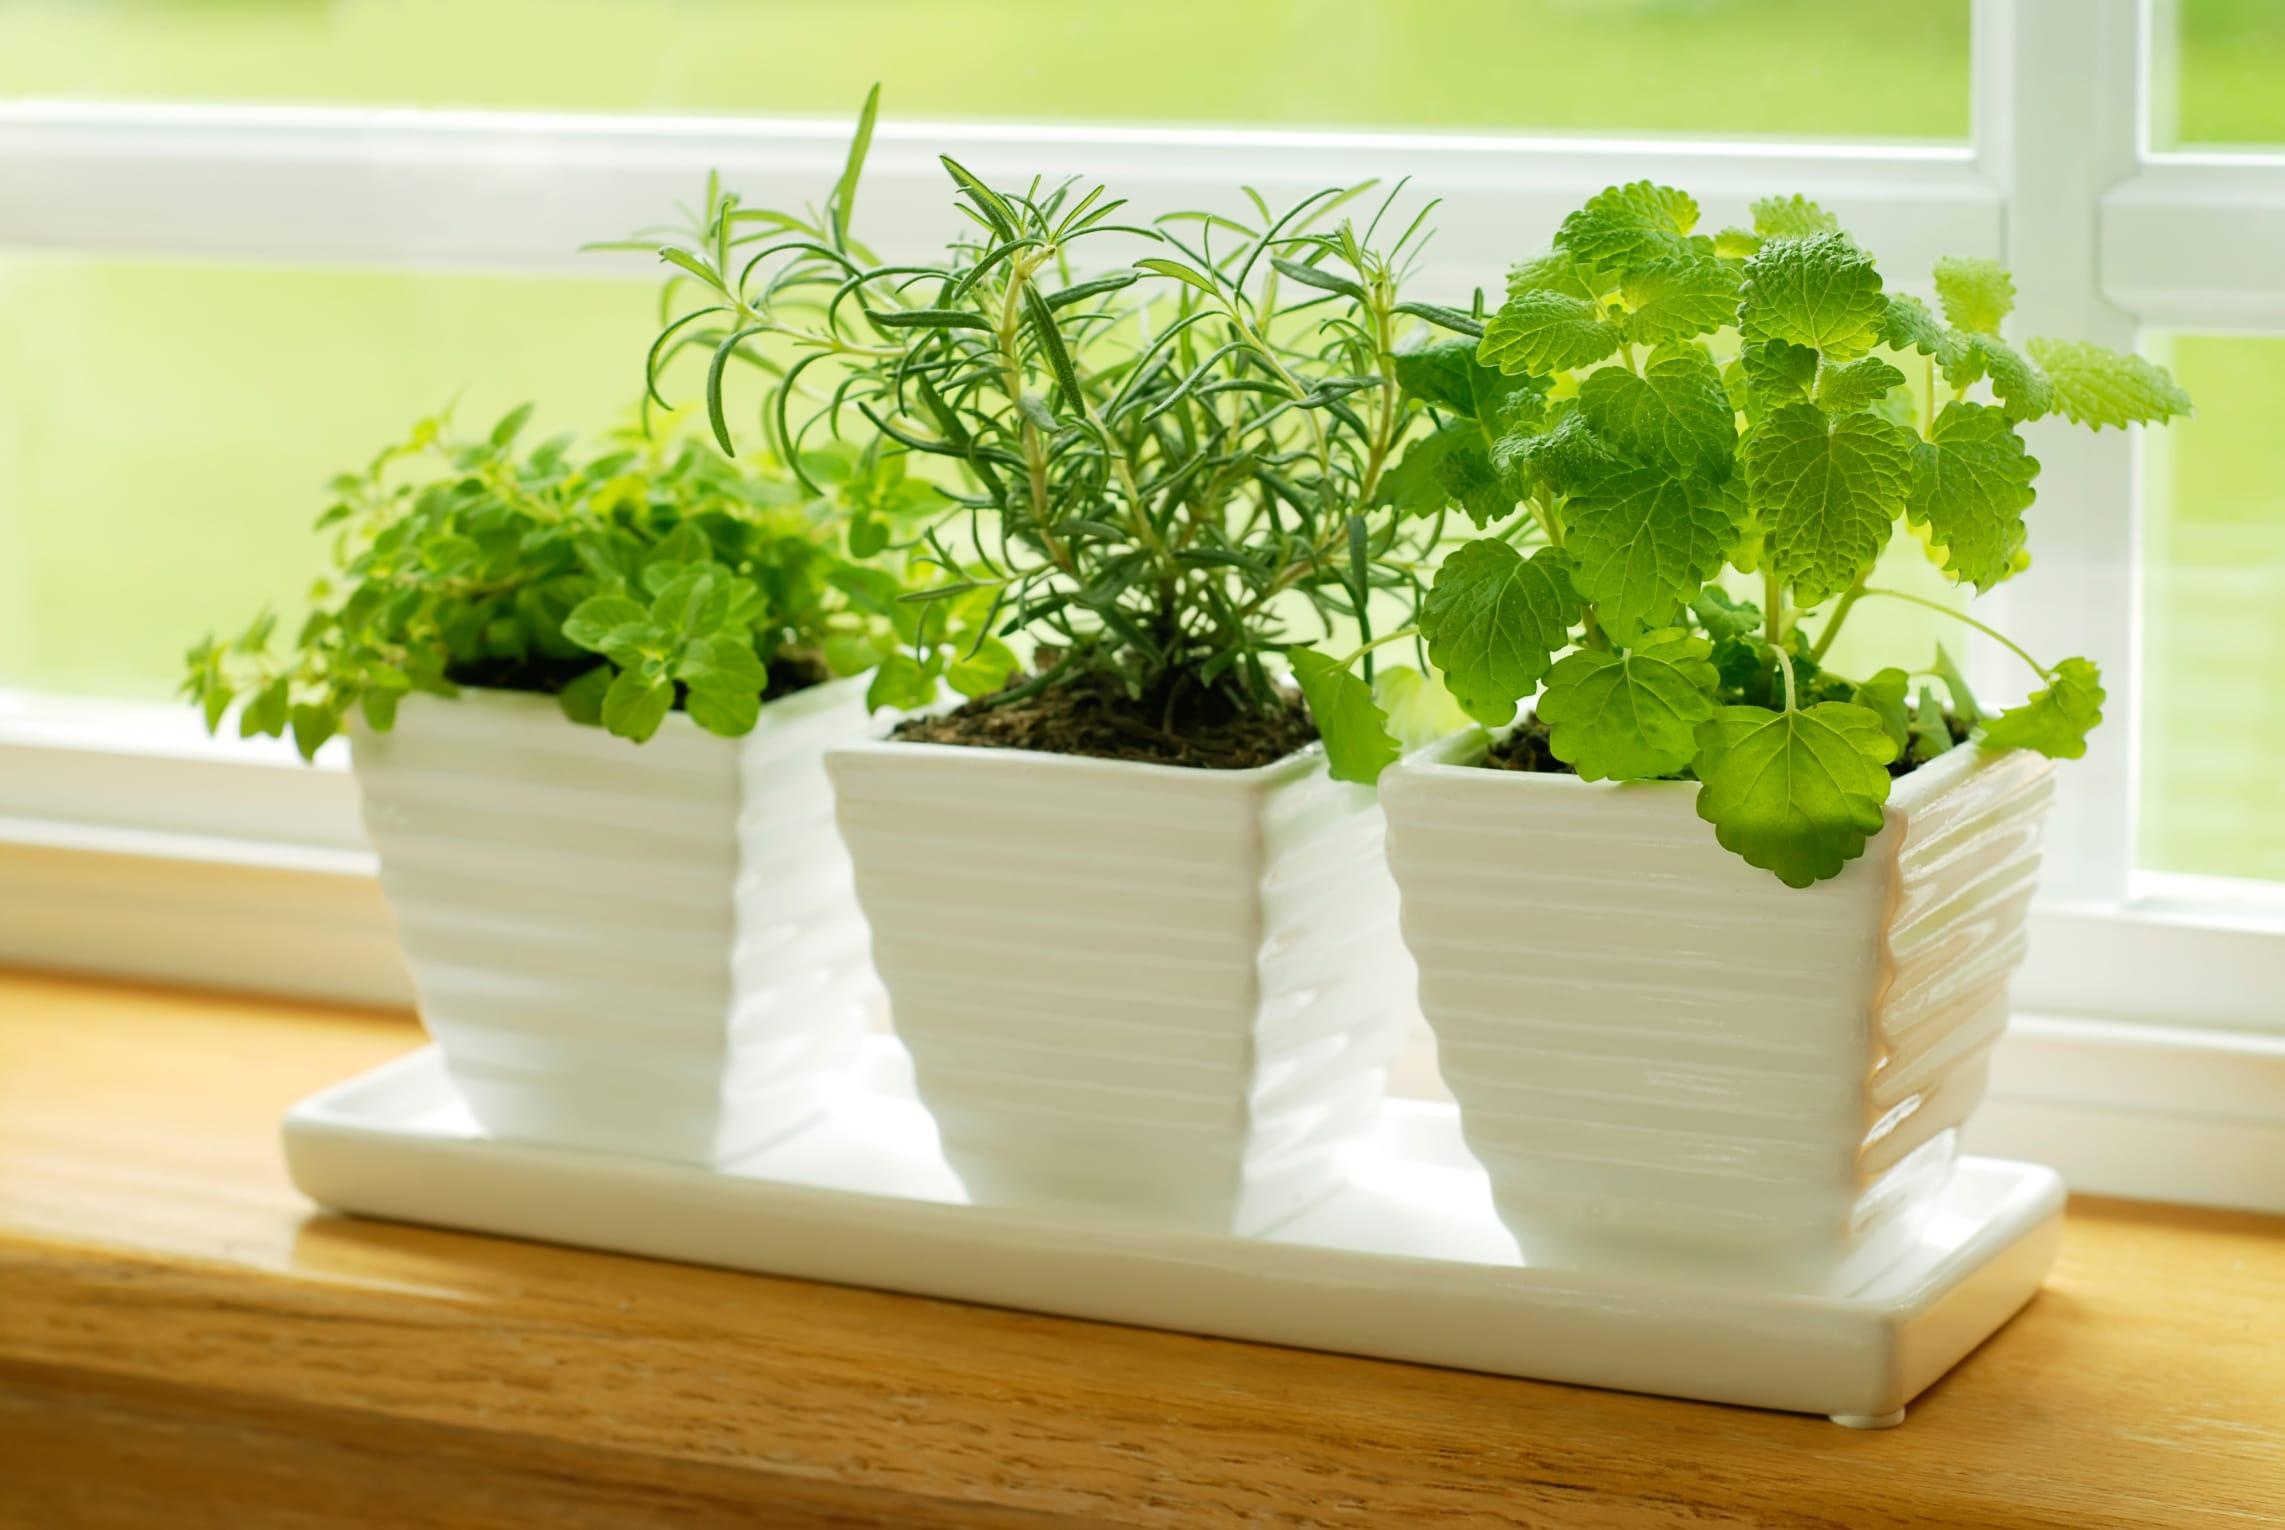 Come piantare piante aromatiche a casa | DONNISSIMA.it